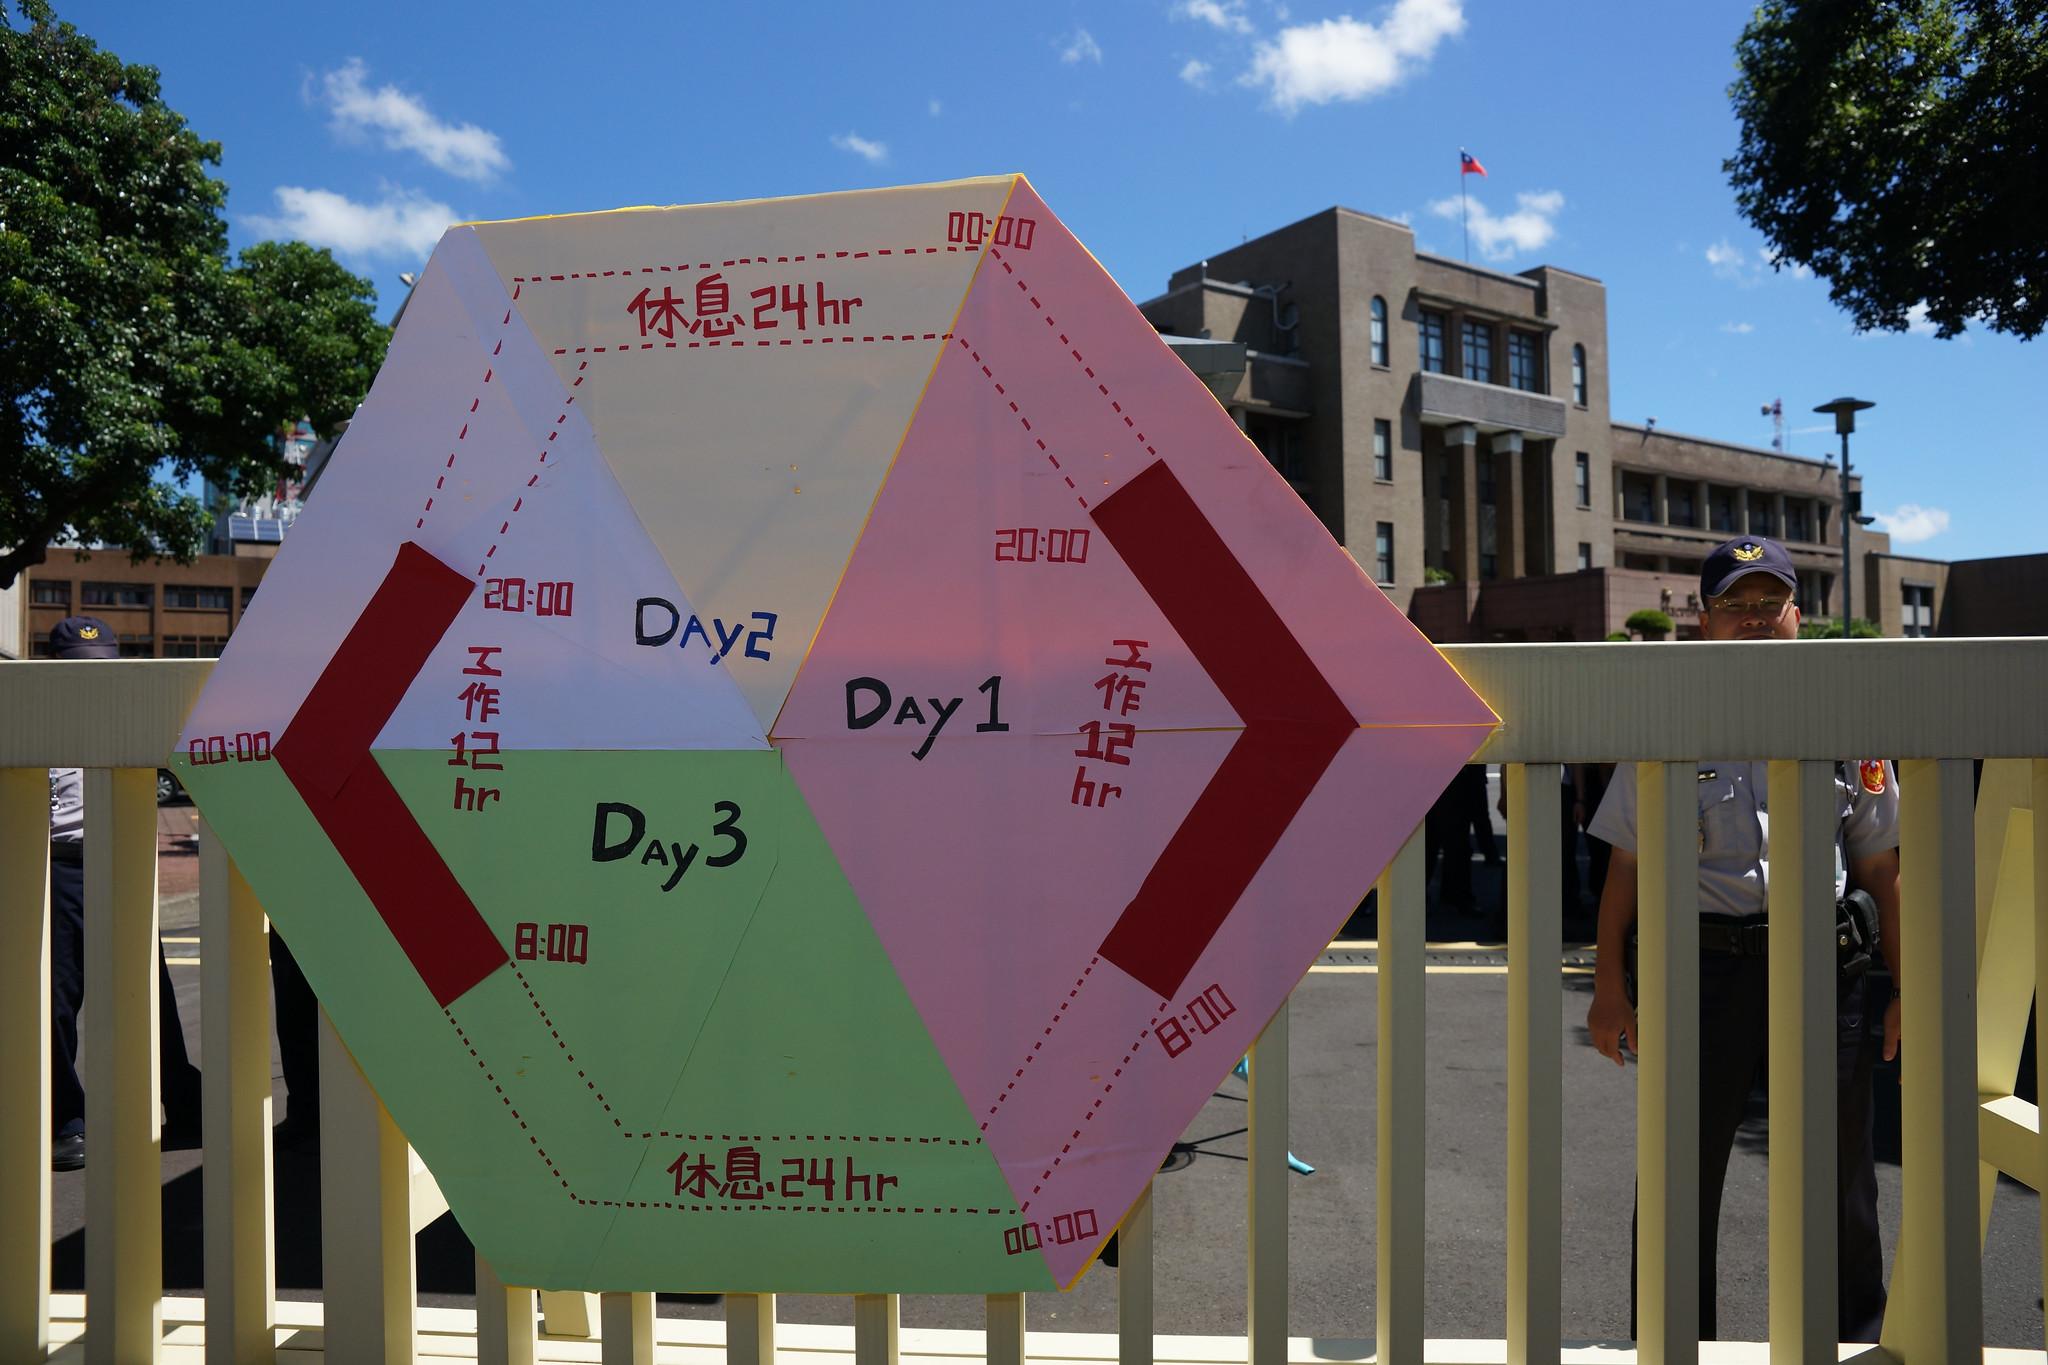 工會將台鐵「日夜休」輪班制示意圖張貼在行政院大門前。(攝影:王顥中)